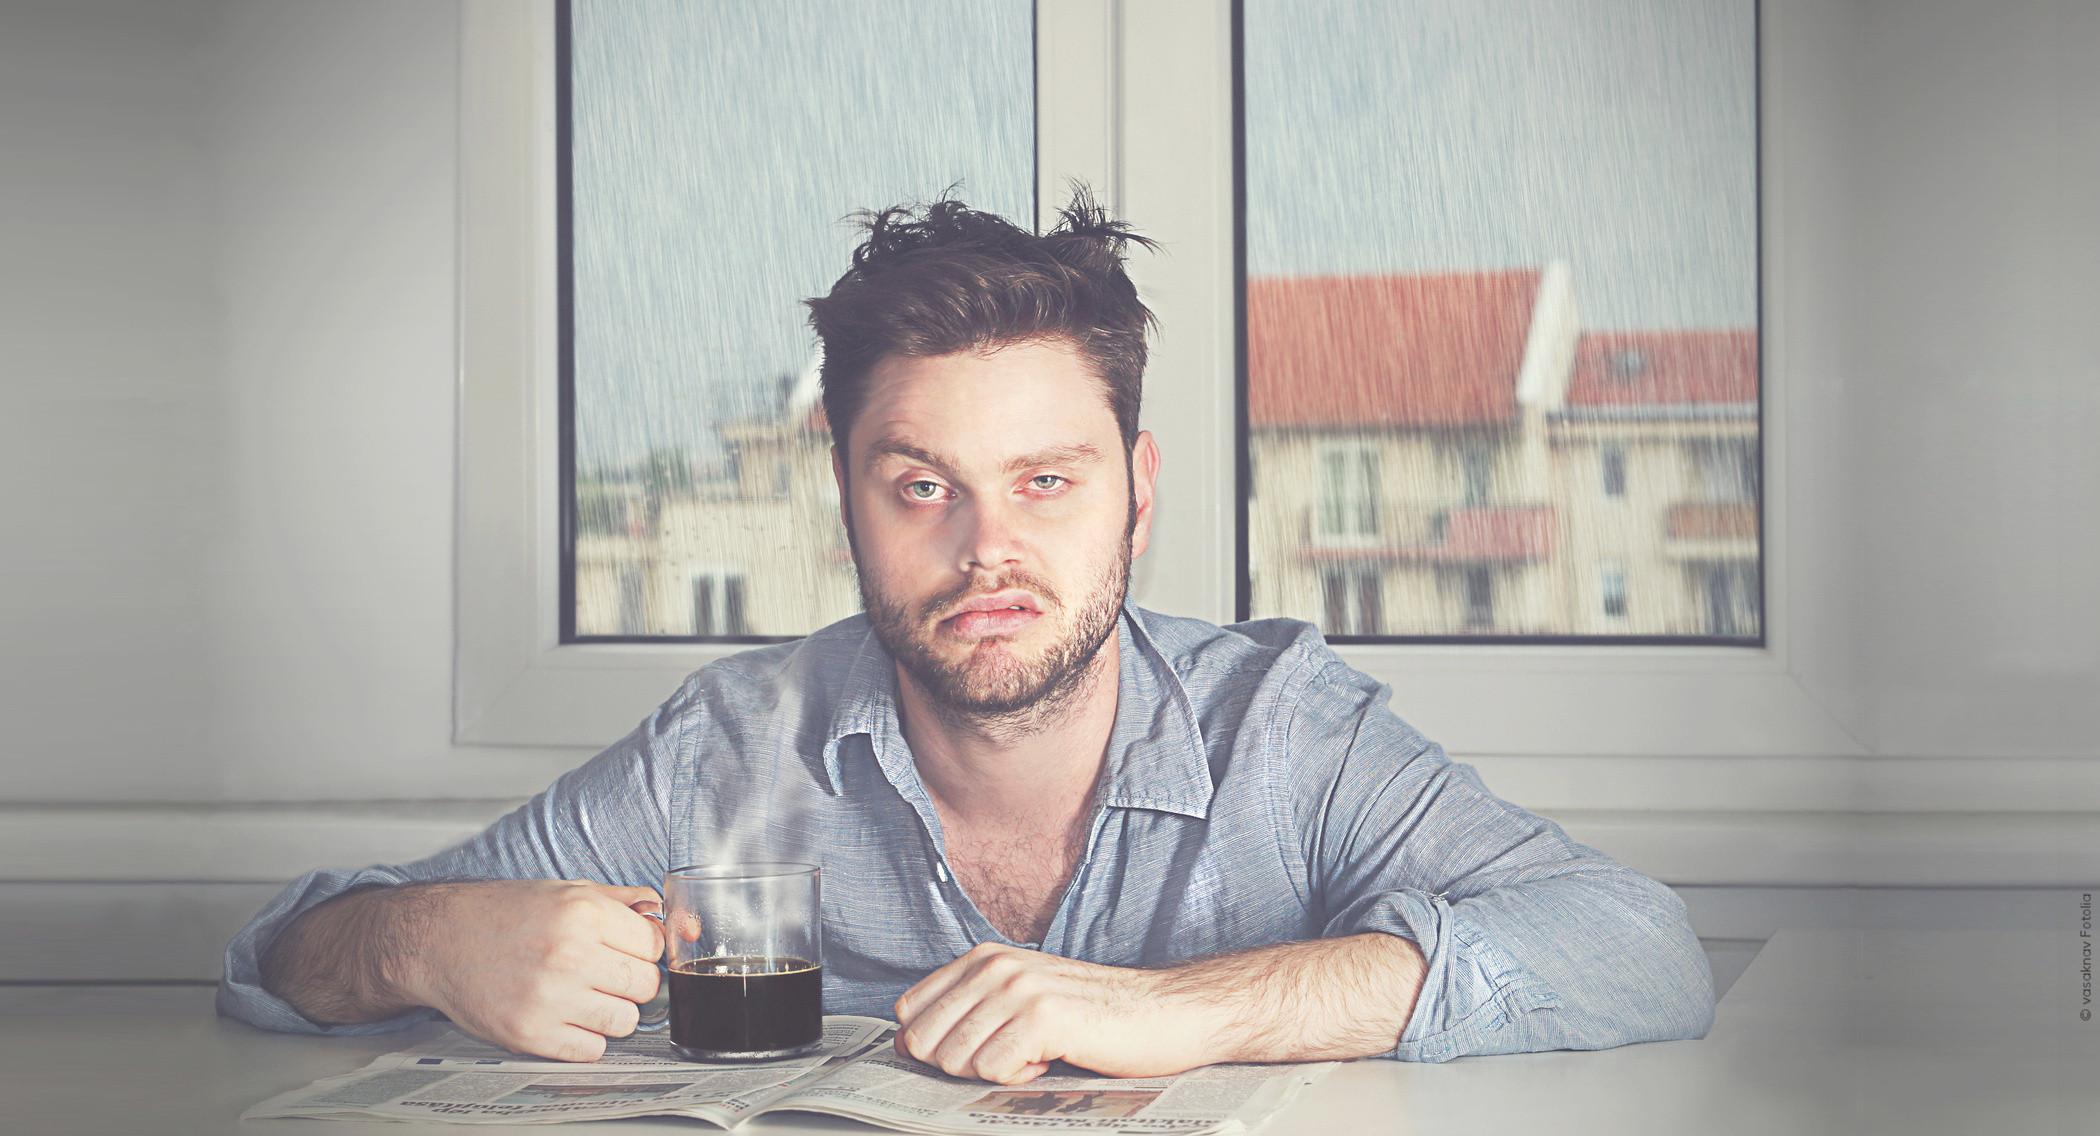 Mann müde und erledigt mit Kaffee